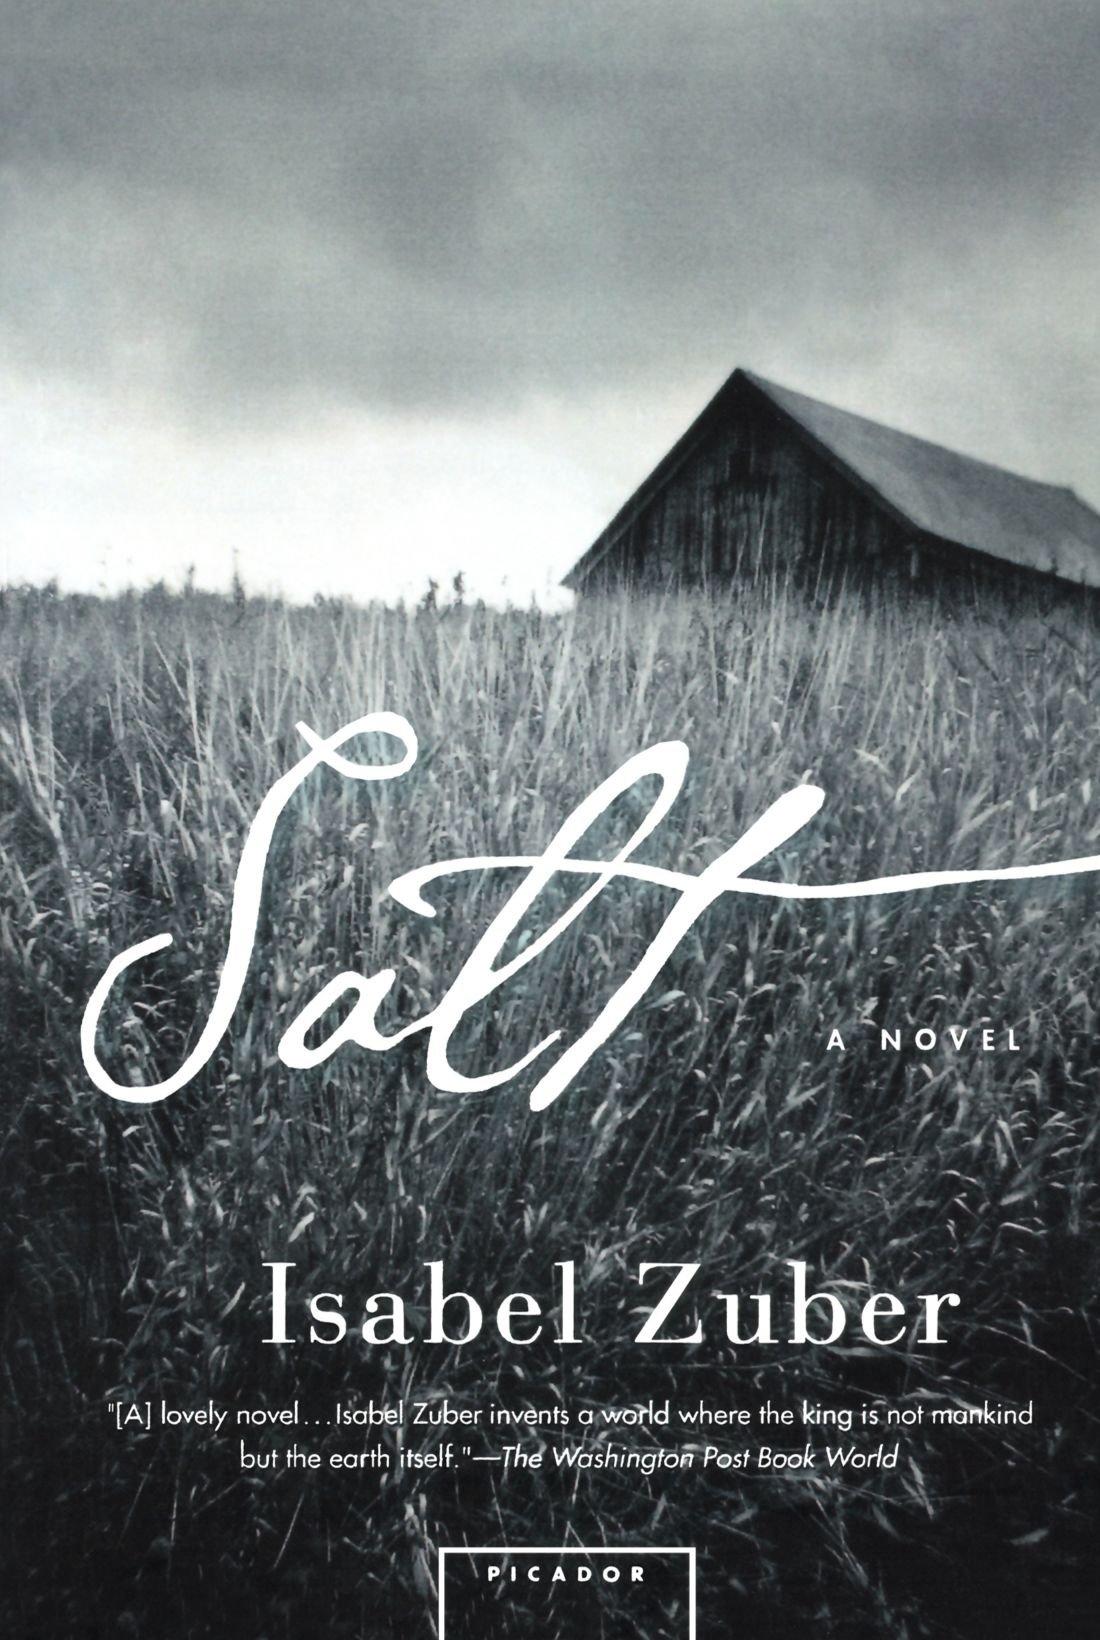 2003_Salt Isabel Zuber.jpg